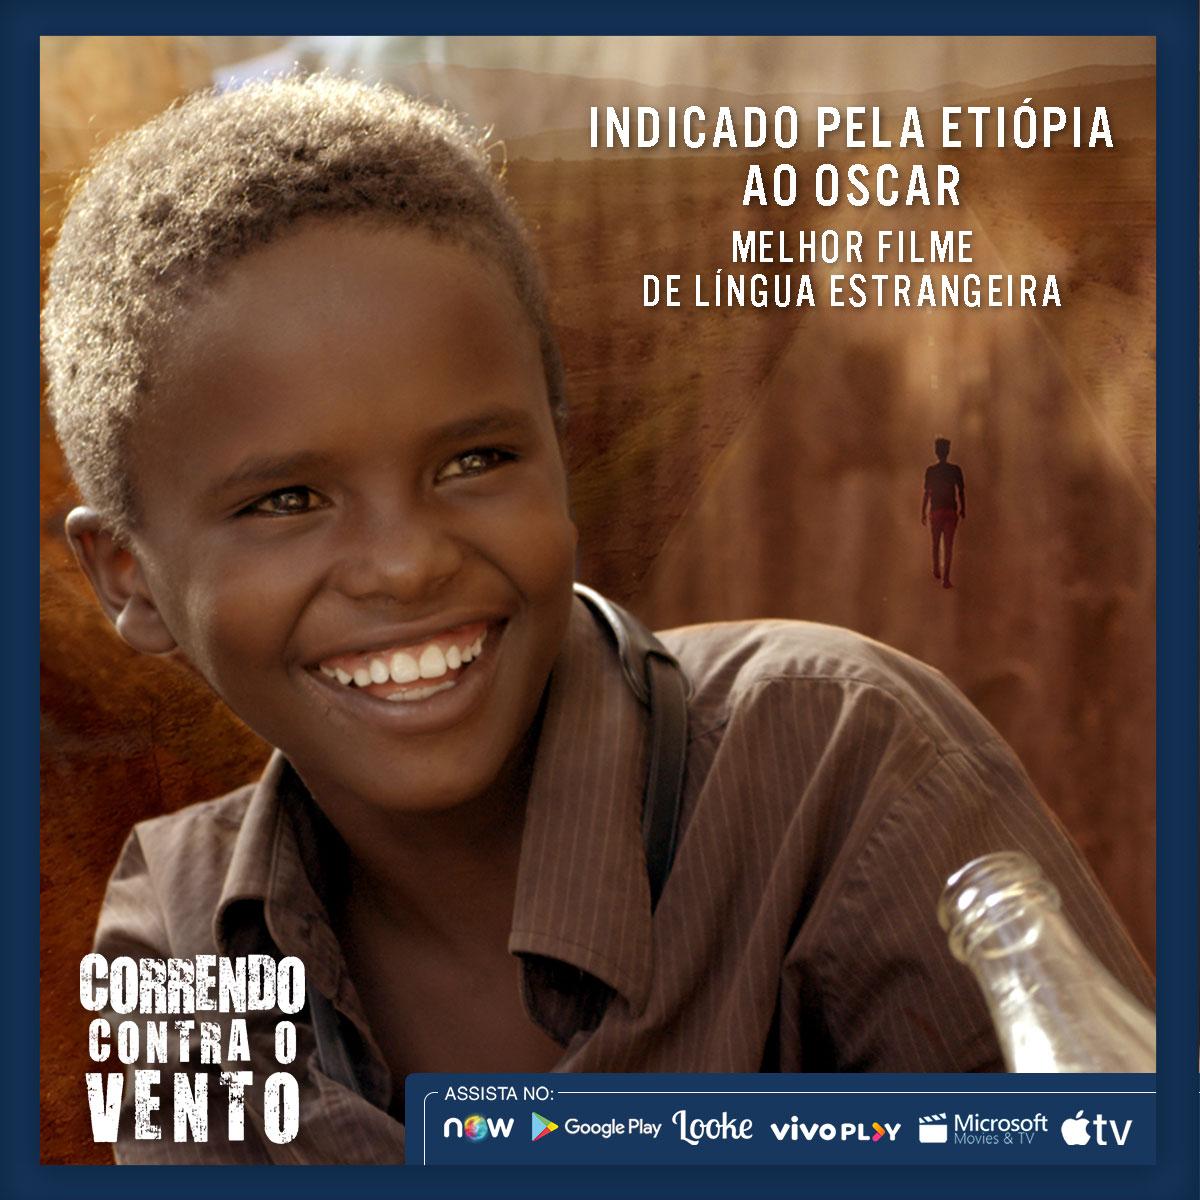 Correndo-Contra-o-Vento_stills_Oscar